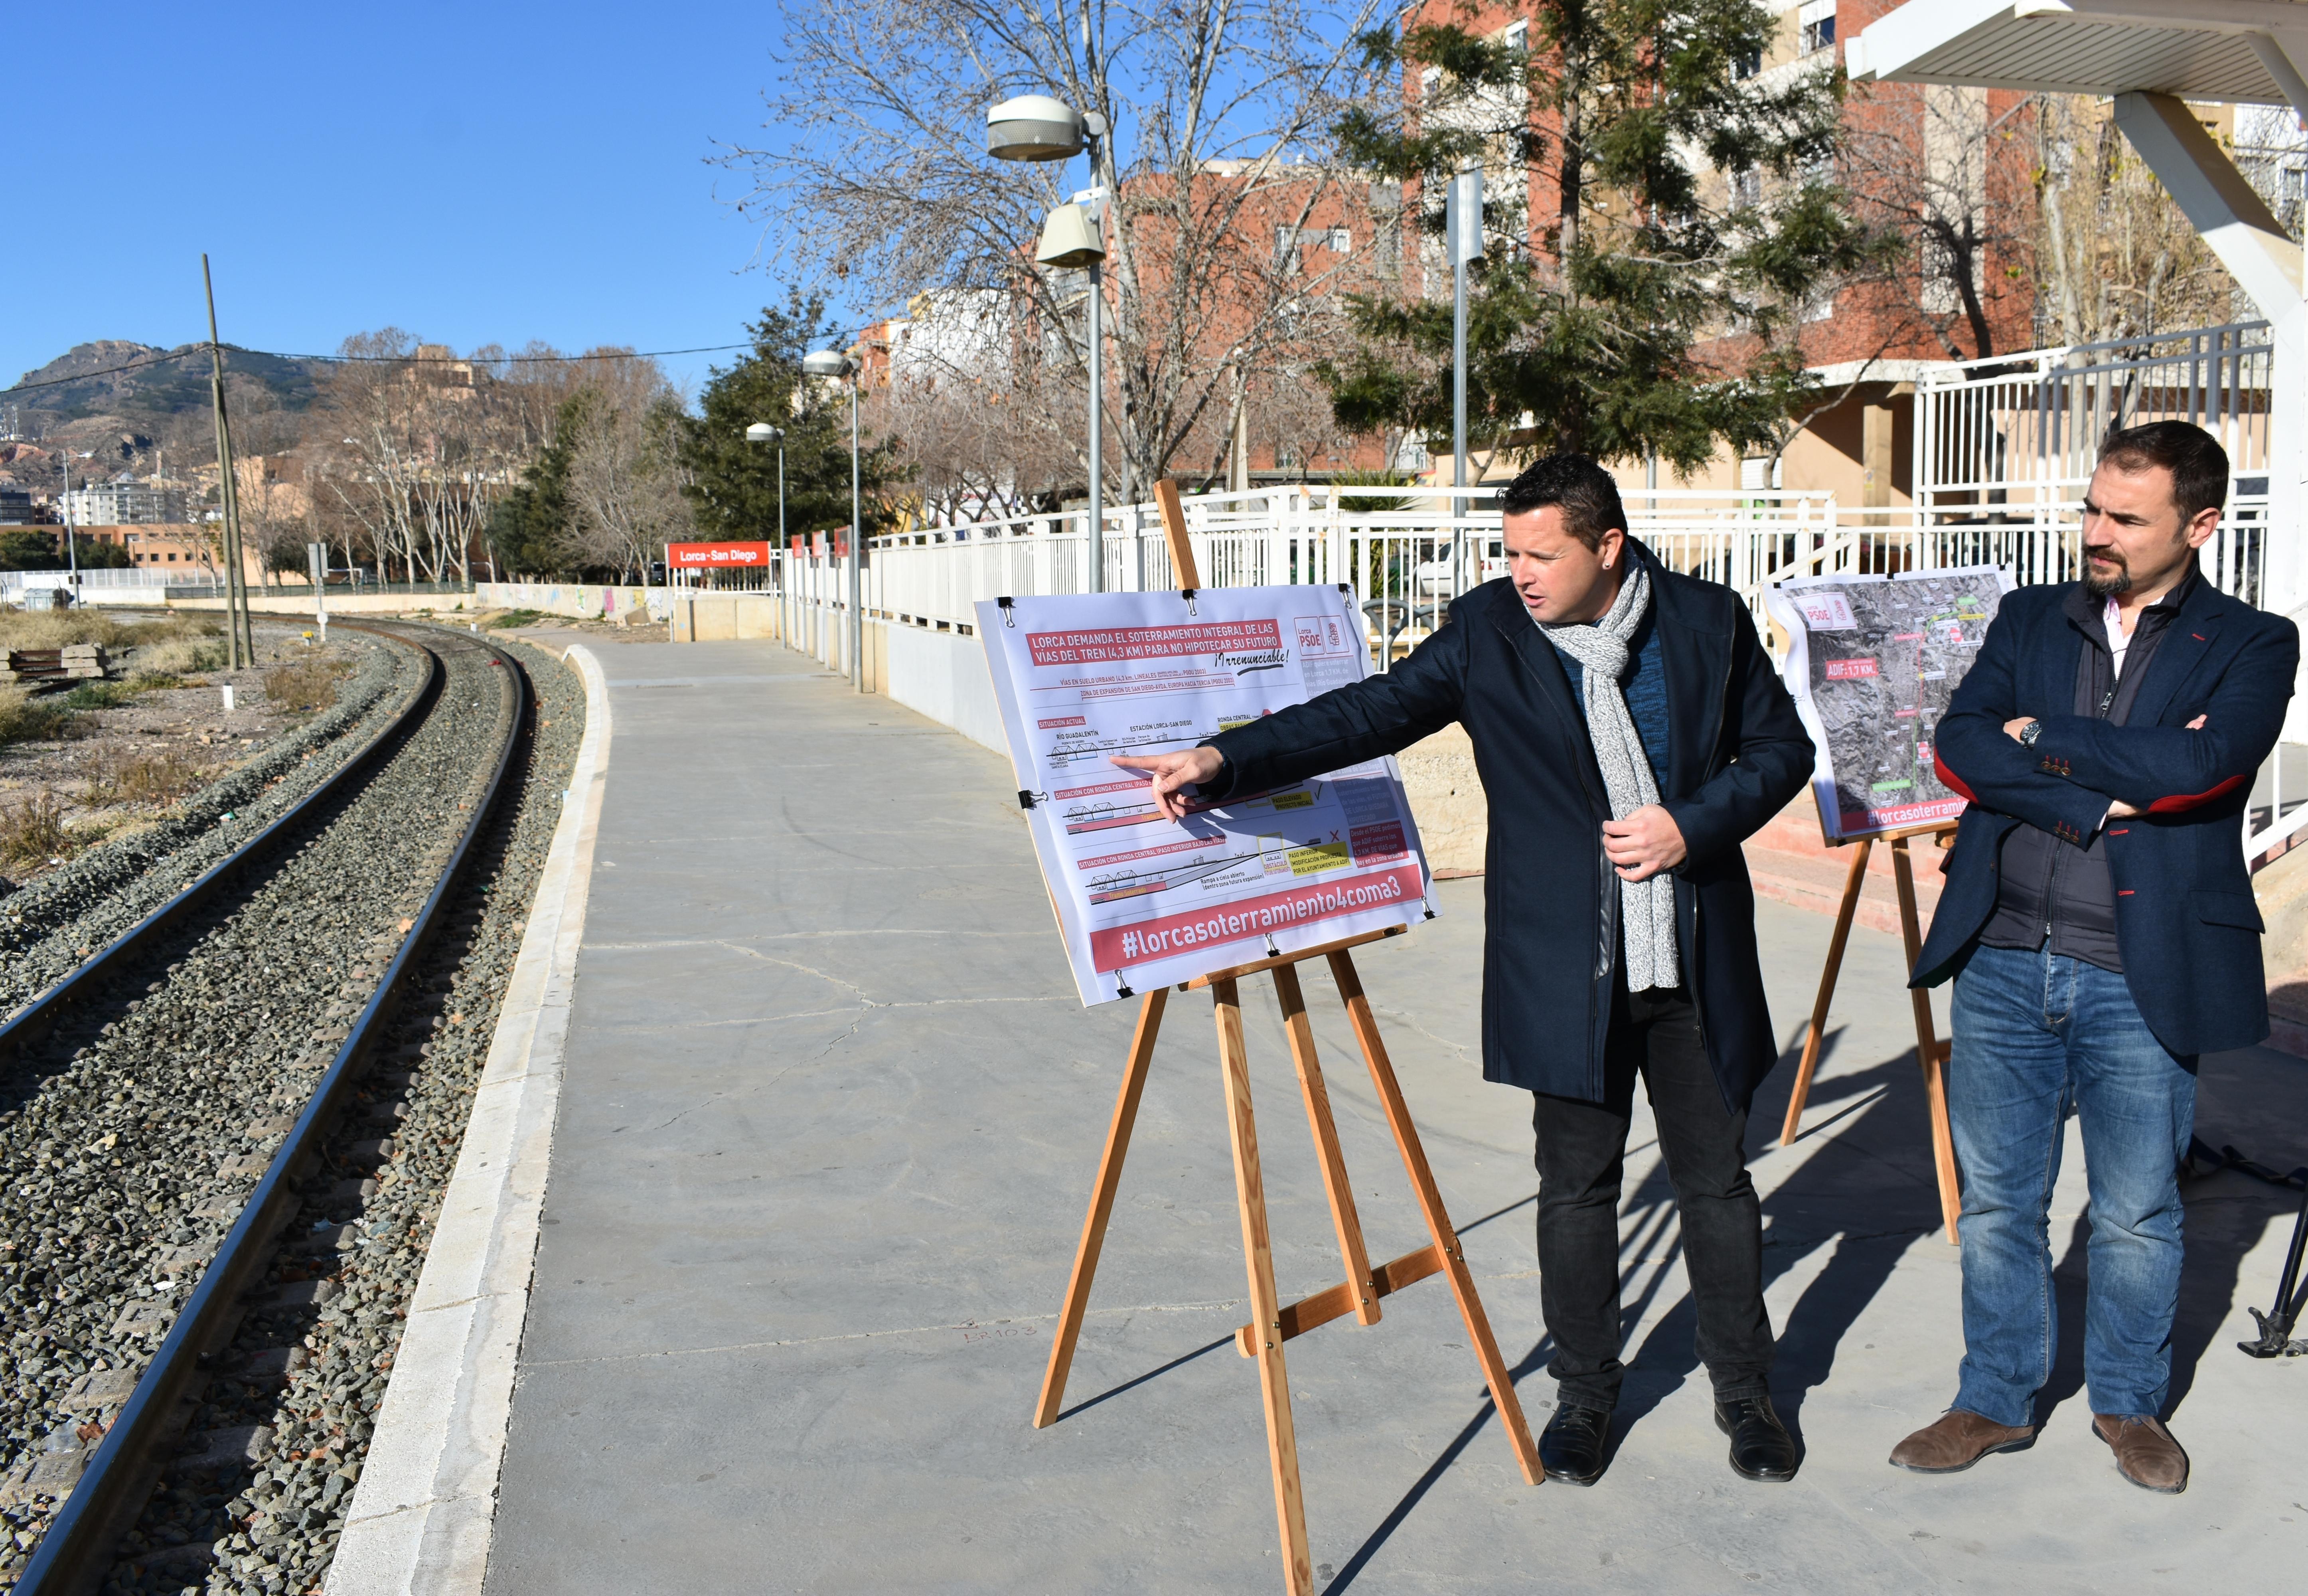 Mateos celebra la decisión del Gobierno de España de ampliar el soterramiento del AVE en Lorca de los apenas 1,9 km hasta los 3,2 aunque no renuncia a conseguir el máximo posible